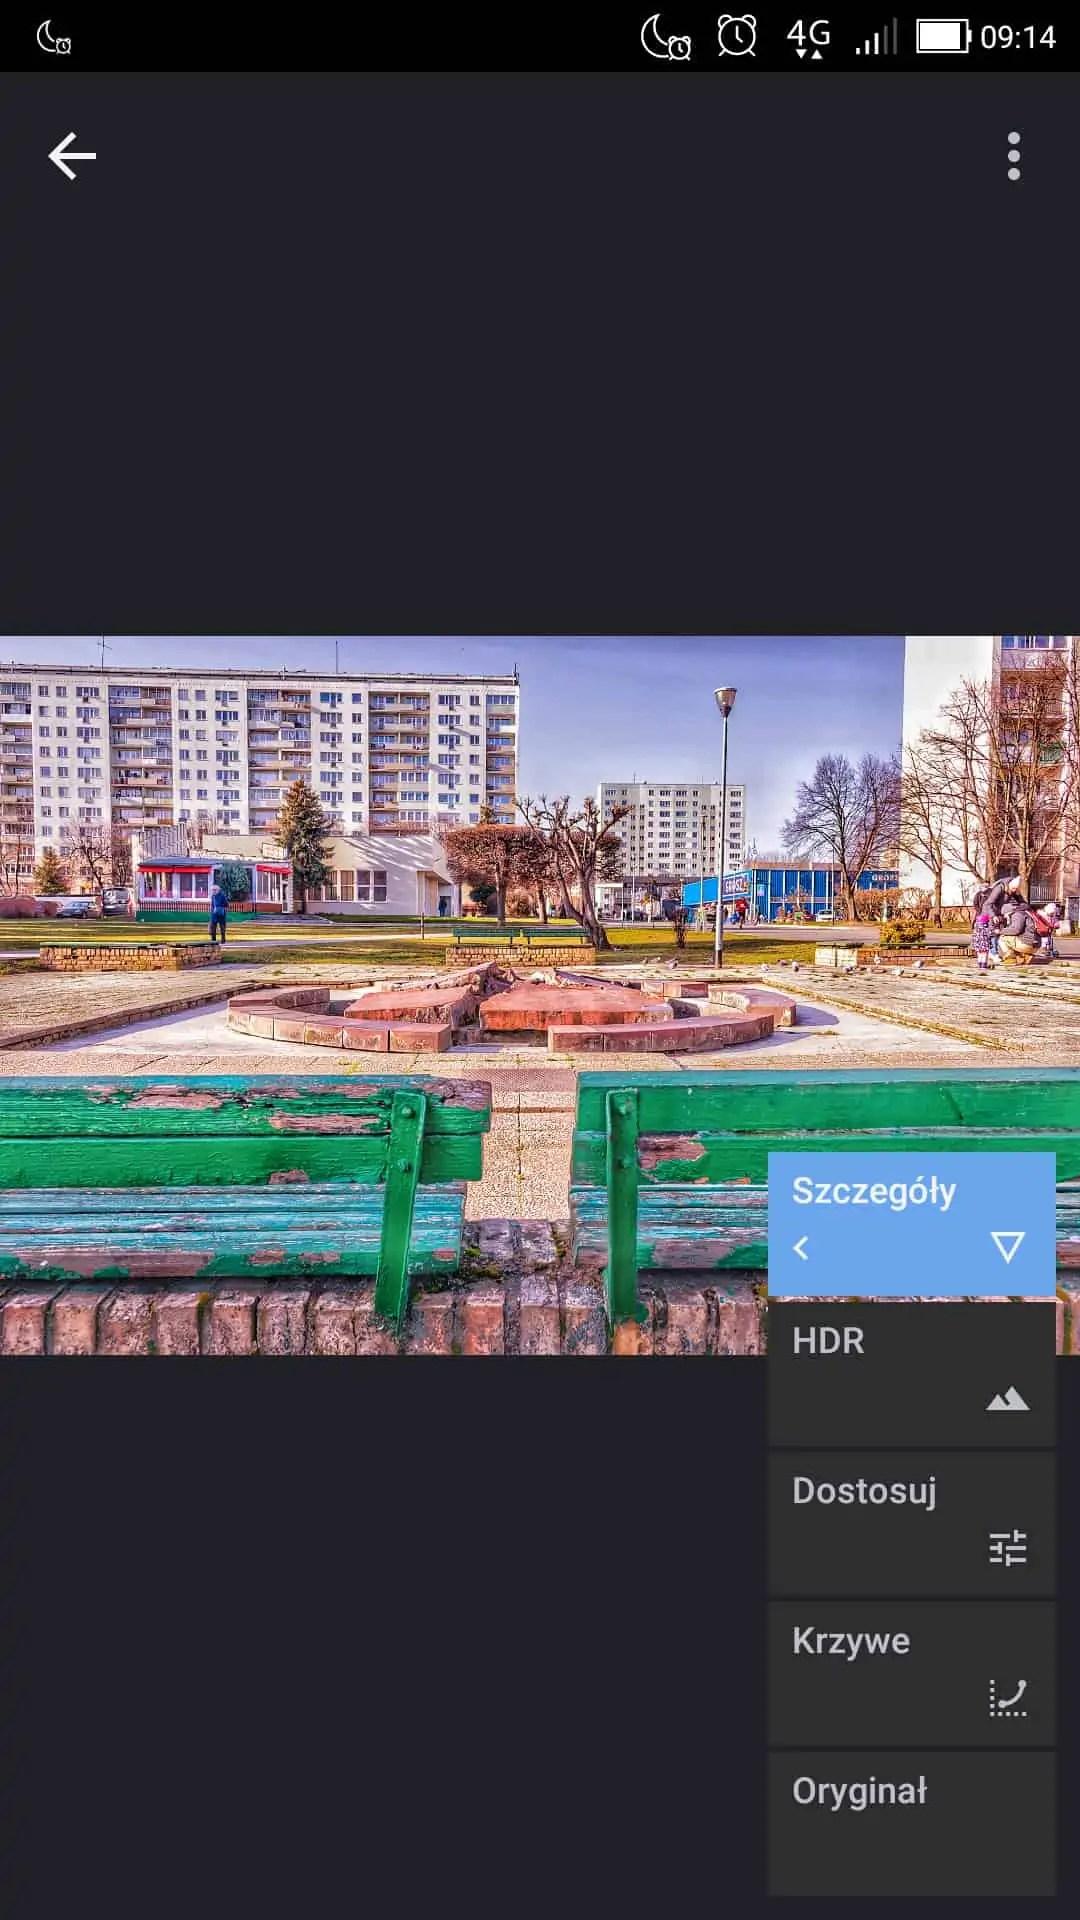 historia edycji w snapseedzie - Snapseed apka do zdjęć dla każdego